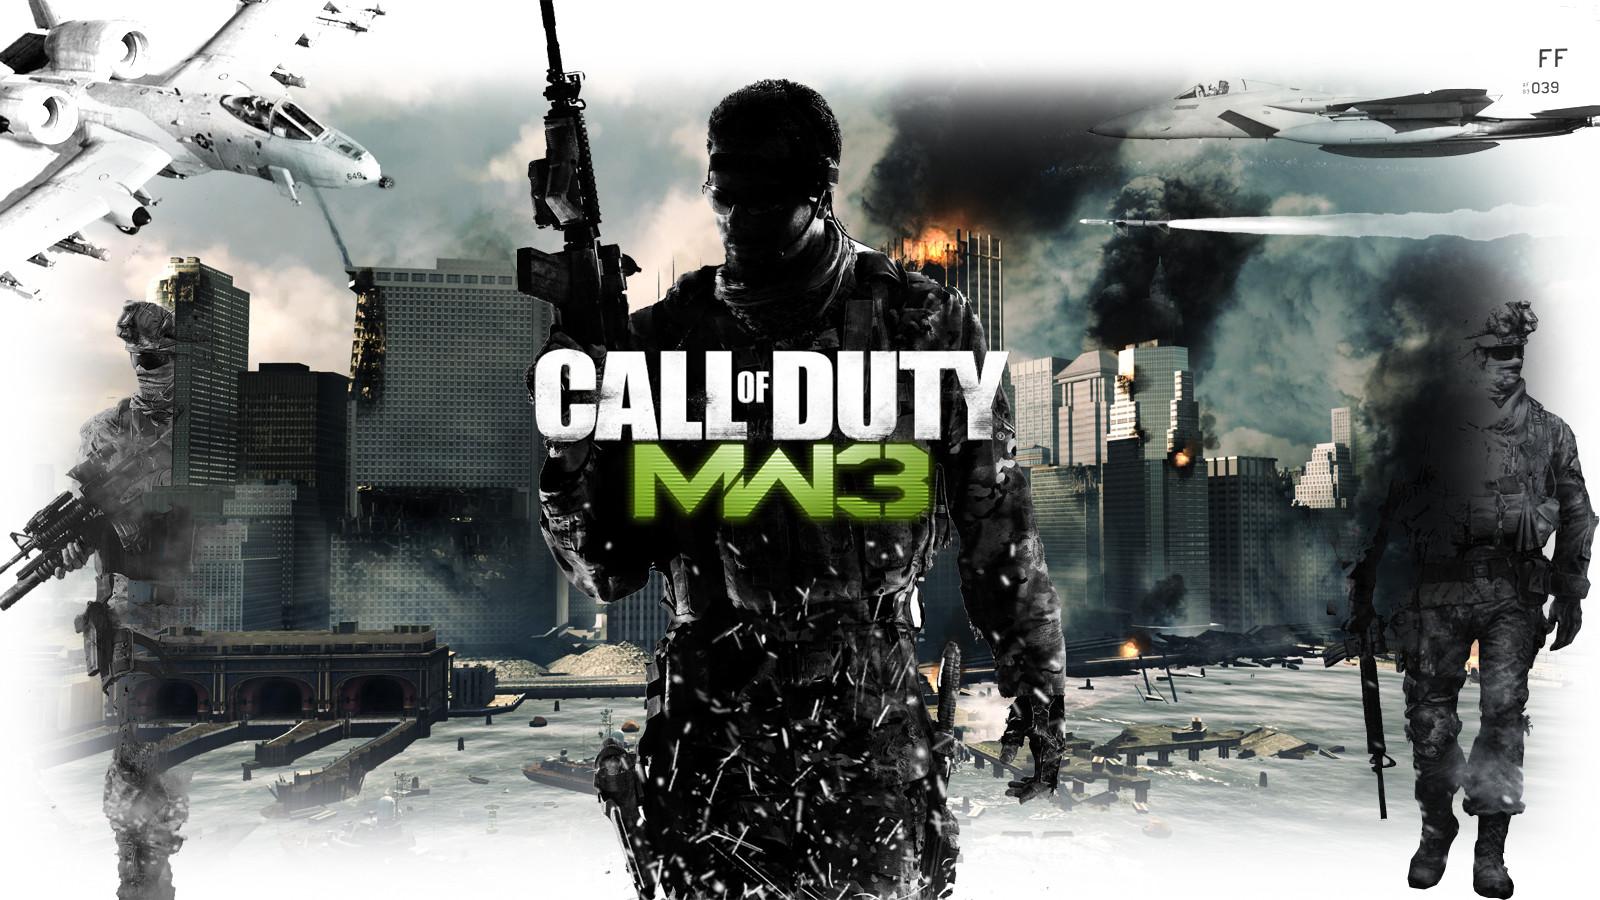 Call Of Duty Modern Warfare 3 4k Wallpaper The Best Hd Wallpaper